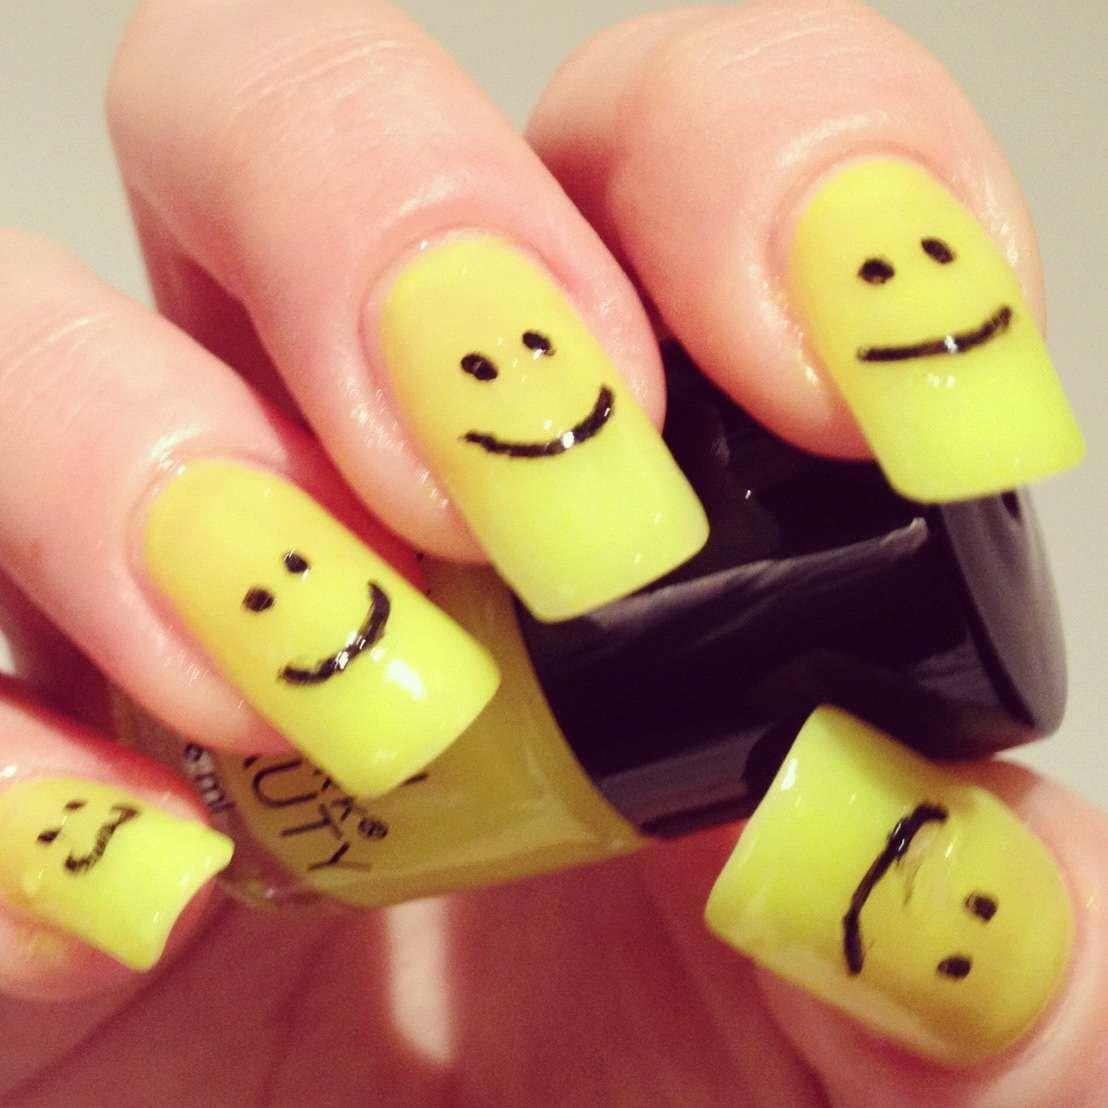 симптомы ногти со смайликами картинки шторы помогают